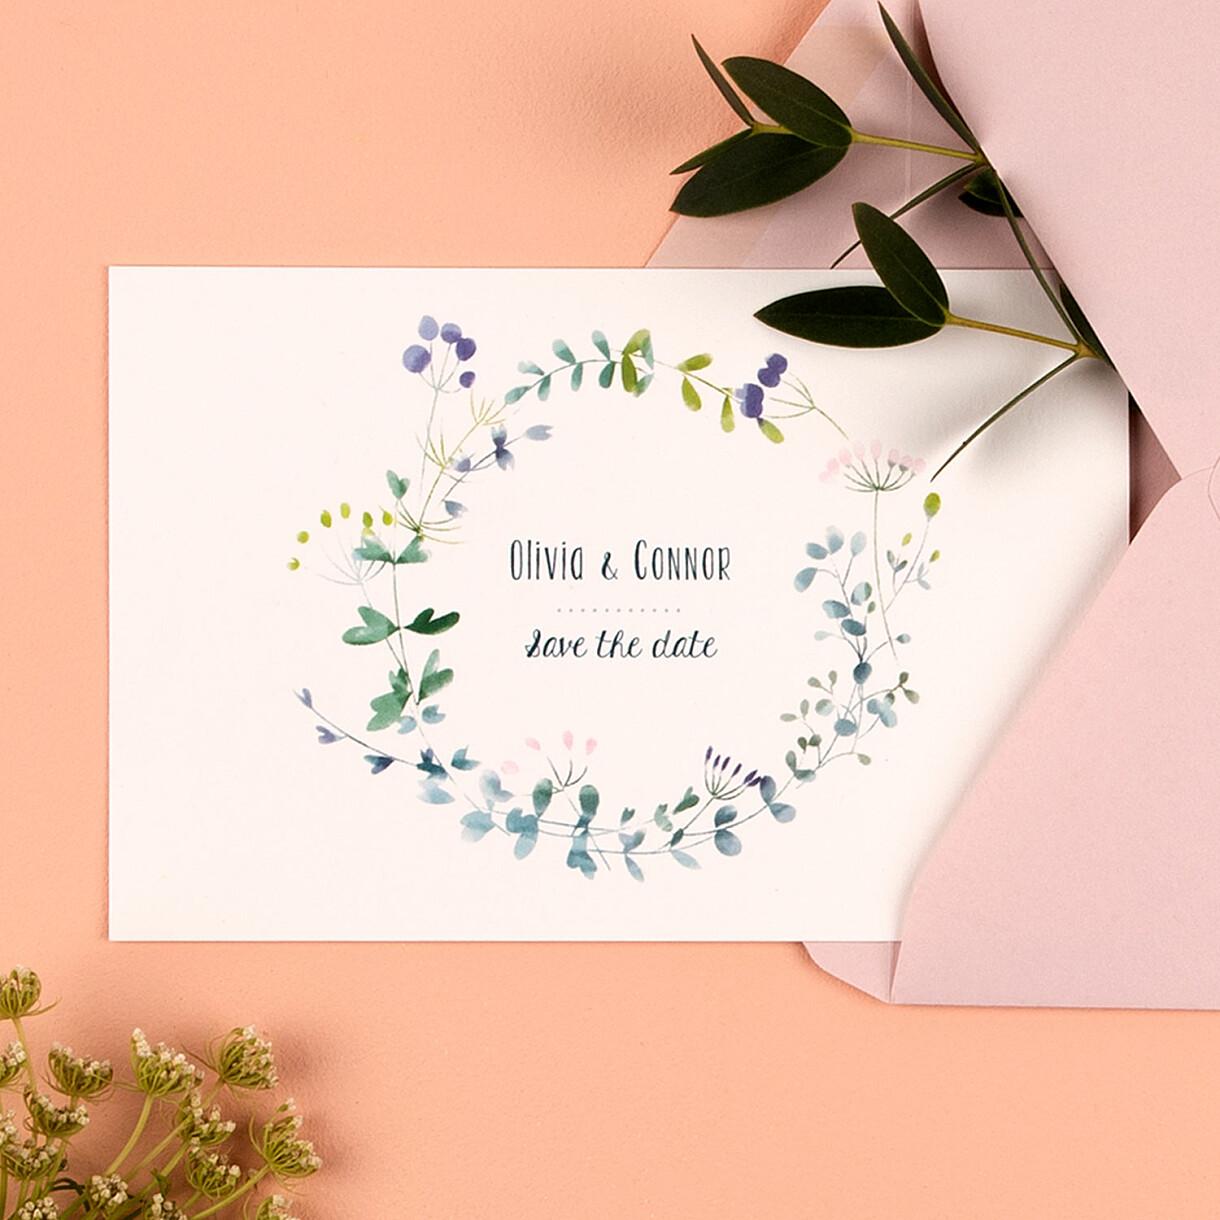 Save-the-date karten wildblumen